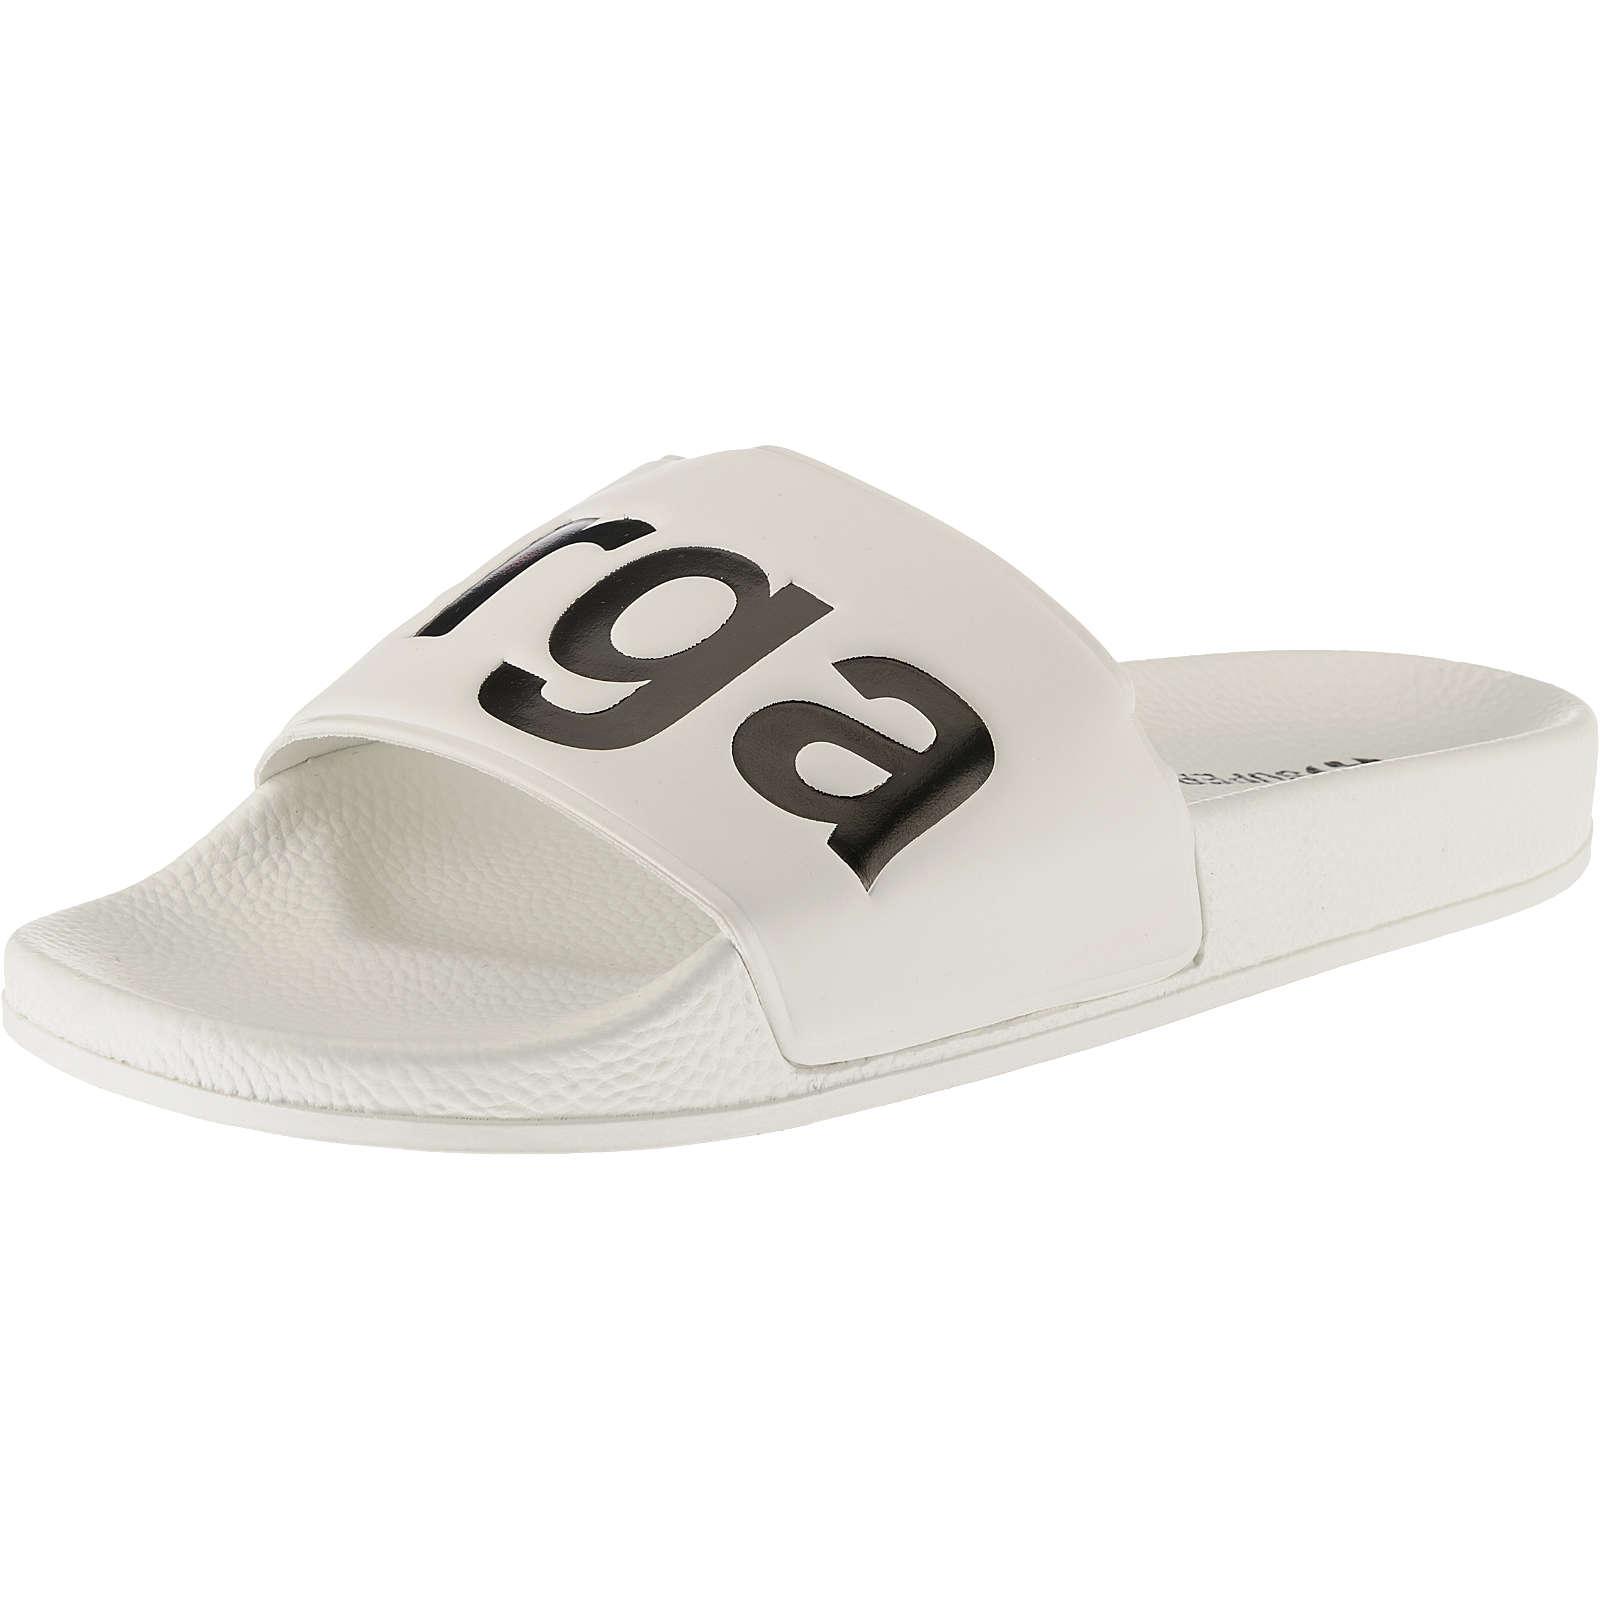 Superga® Slides weiß-kombi Damen Gr. 42